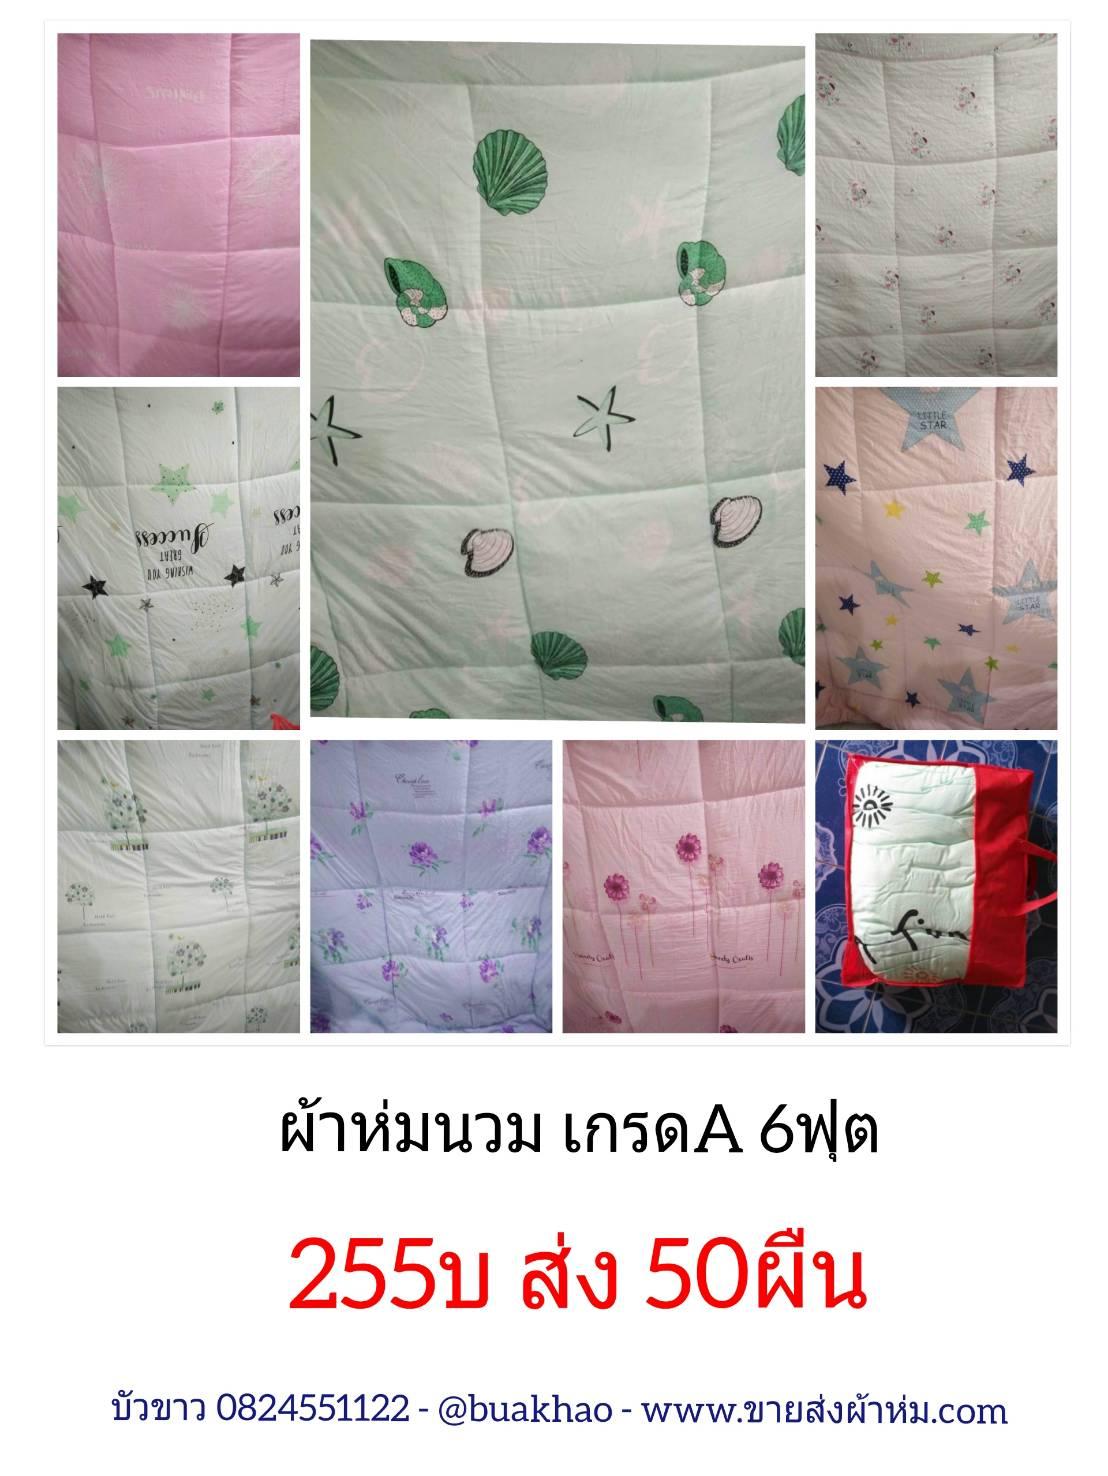 ผ้าห่มนวม หนา เกรด A ผ้าไมโครเทค ขนเป็ดเทียม 6ฟุต 255บ ส่ง 50ผืน